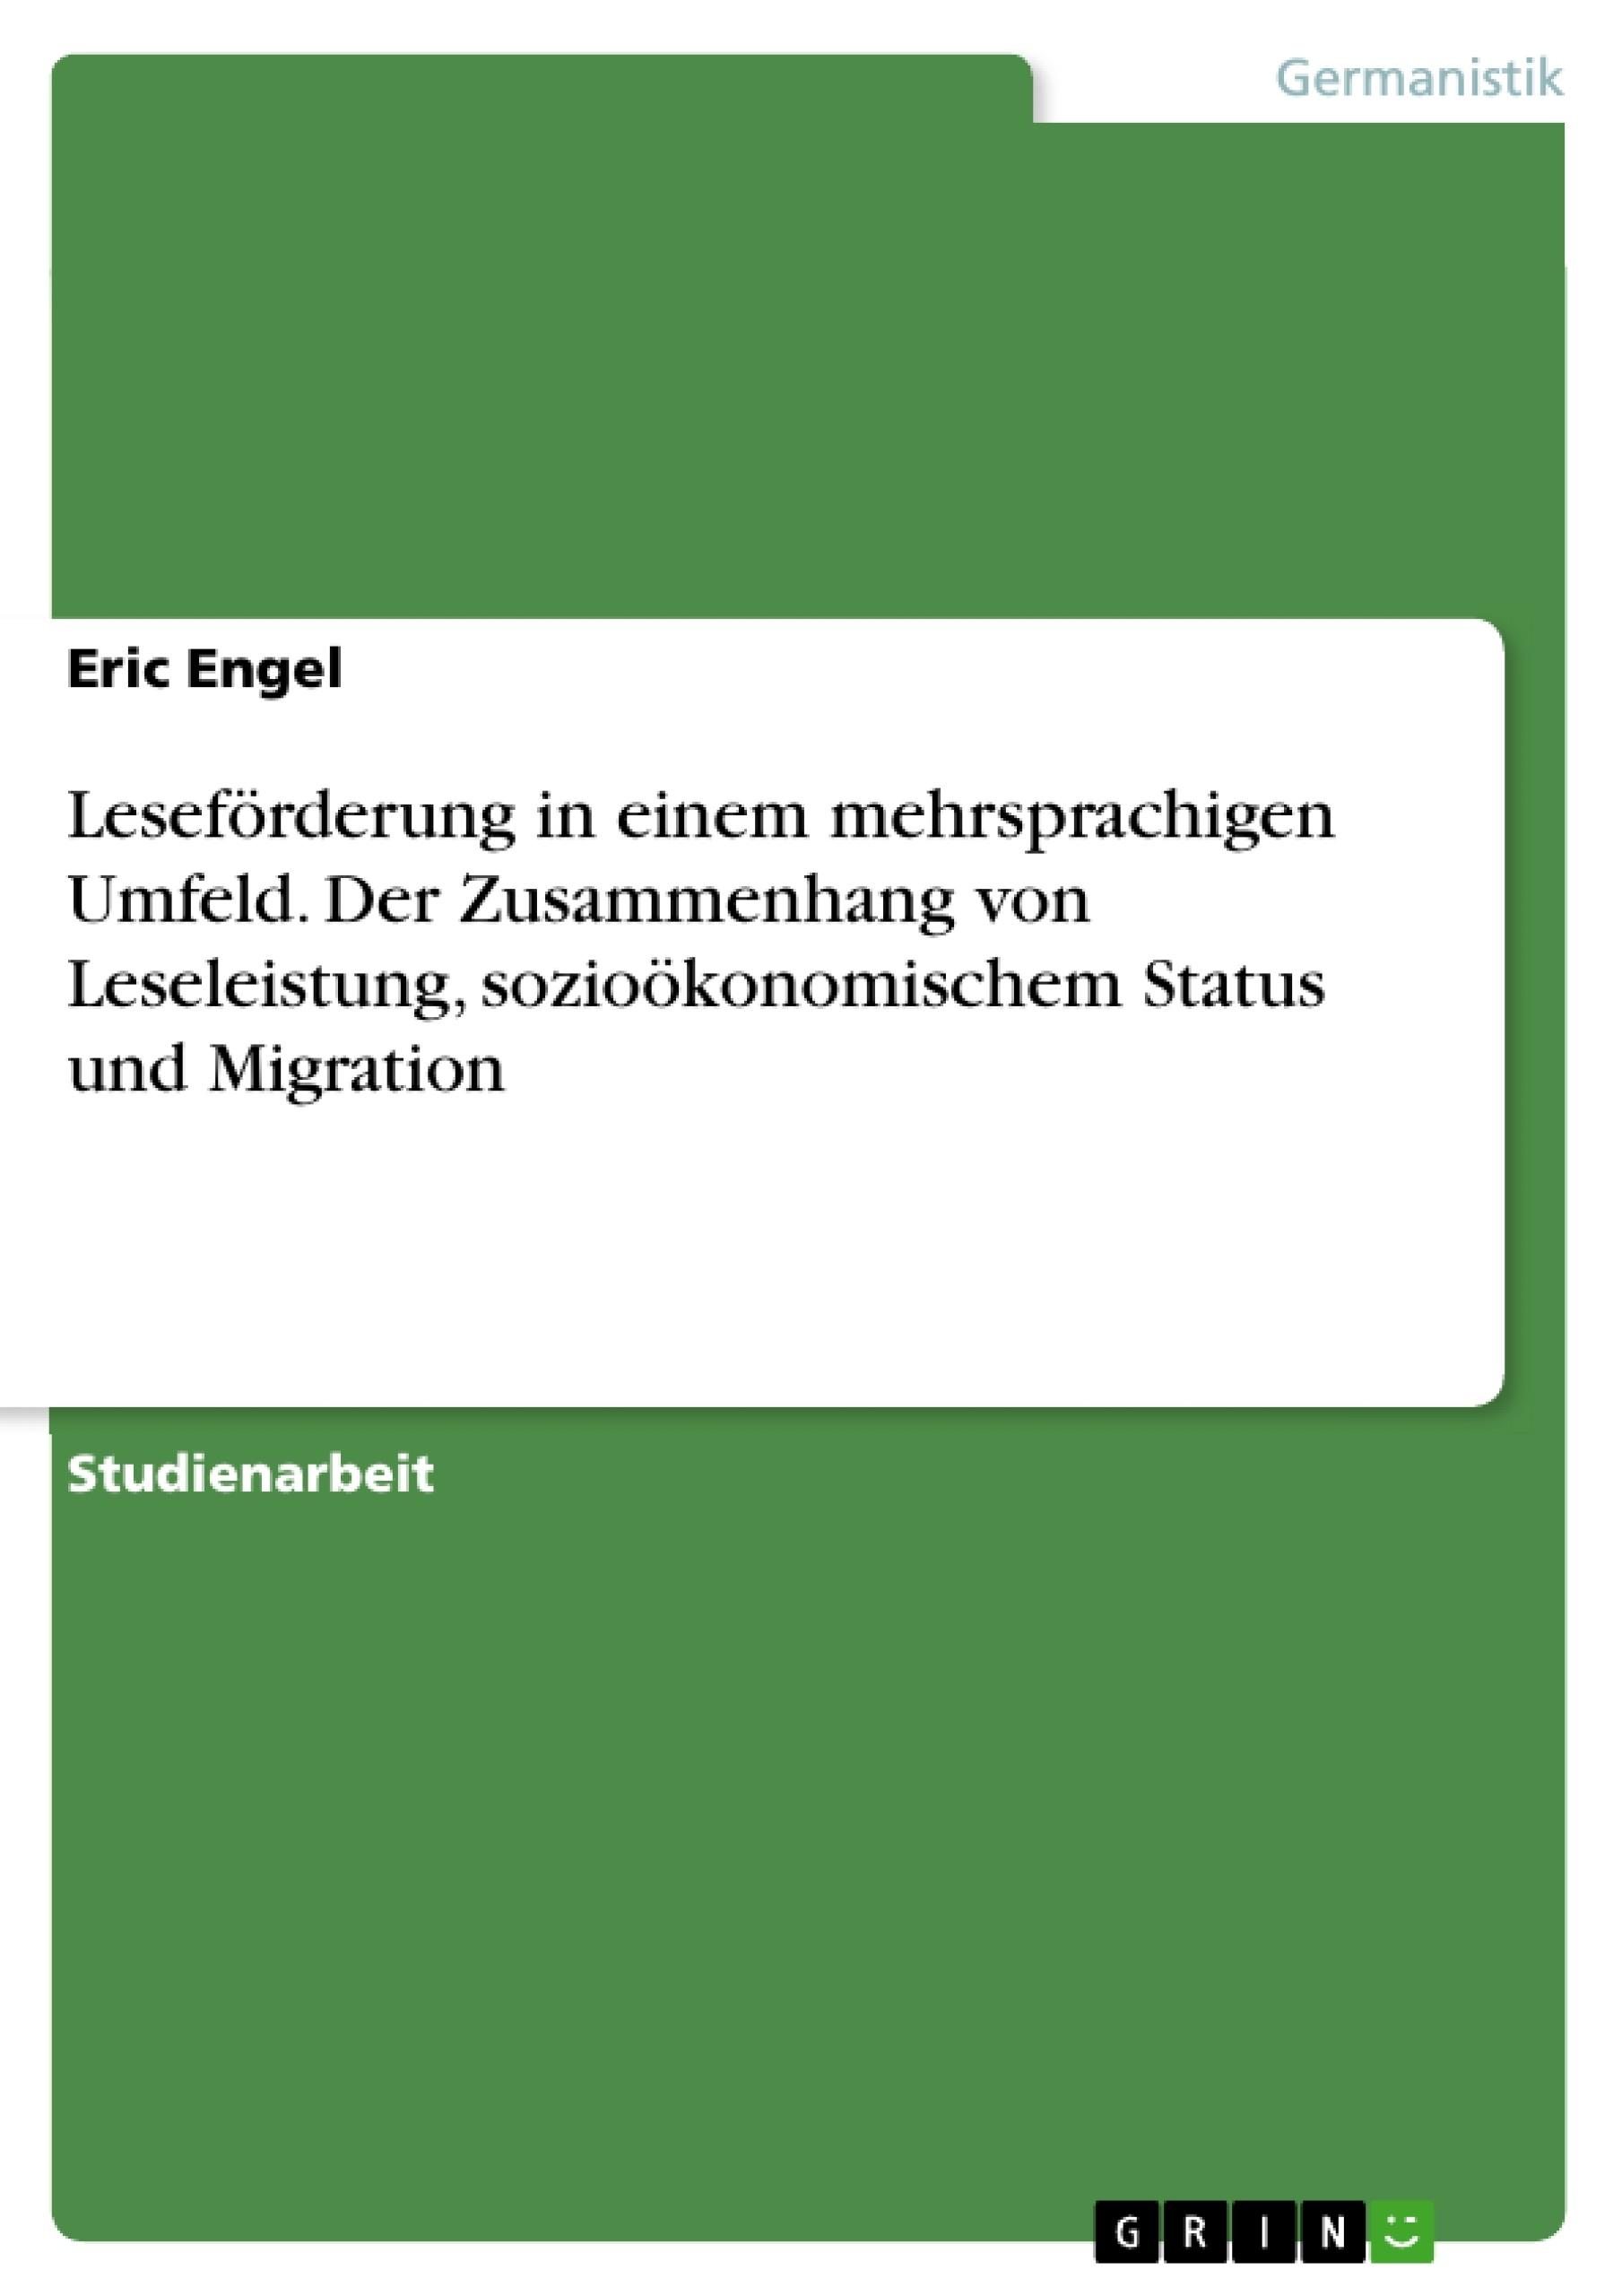 Titel: Leseförderung in einem mehrsprachigen Umfeld. Der Zusammenhang von Leseleistung, sozioökonomischem Status und Migration